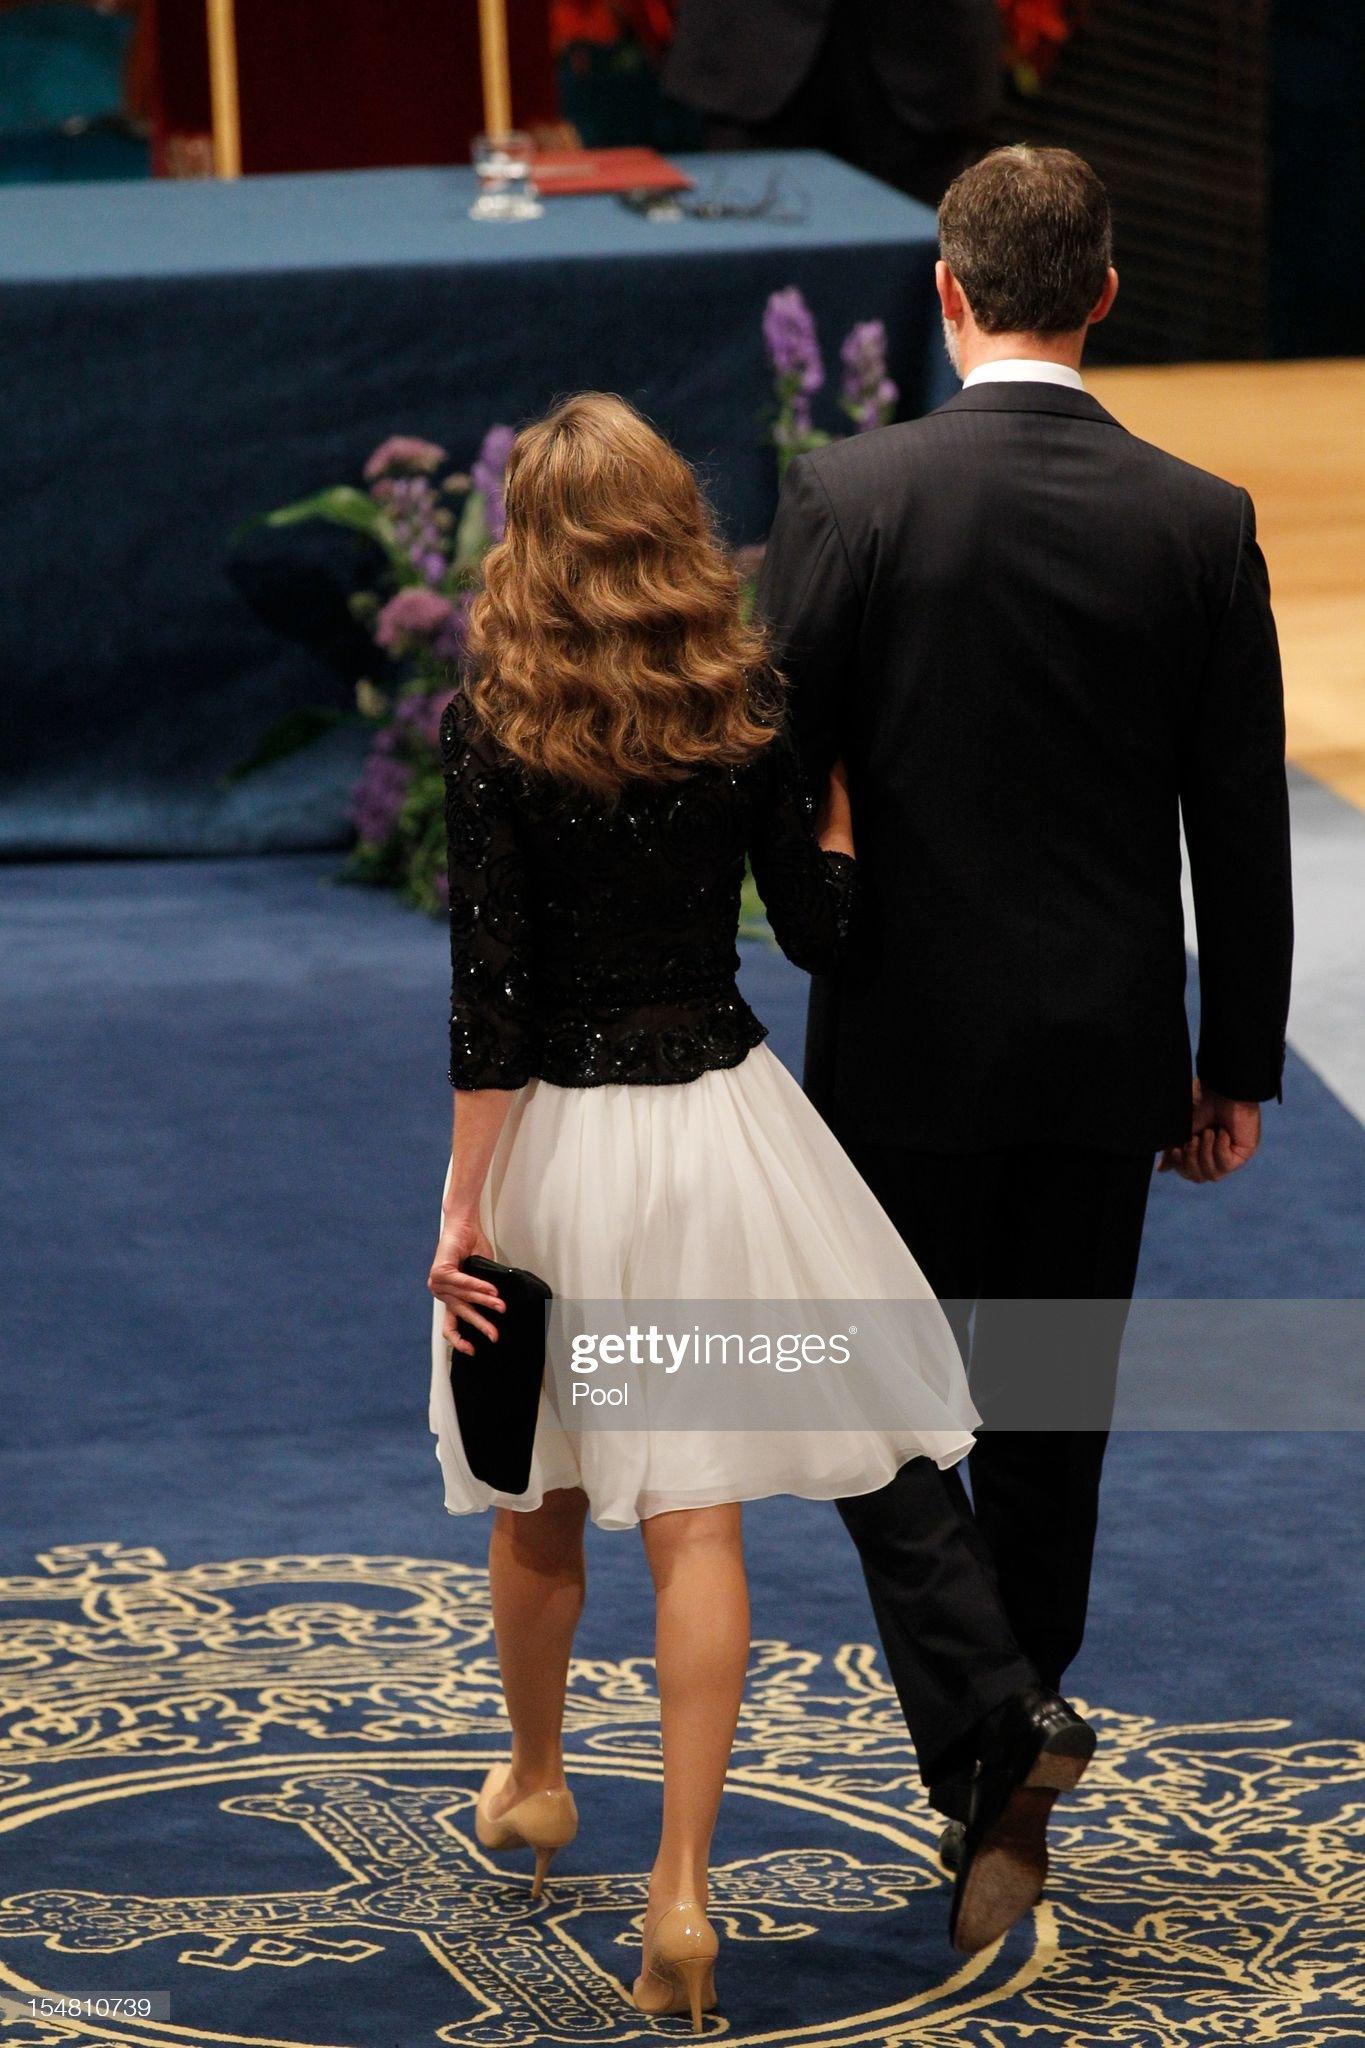 Вечерние наряды Королевы Летиции Spanish Royals Attend Principes de Asturias Awards 2012 - Gala : News Photo